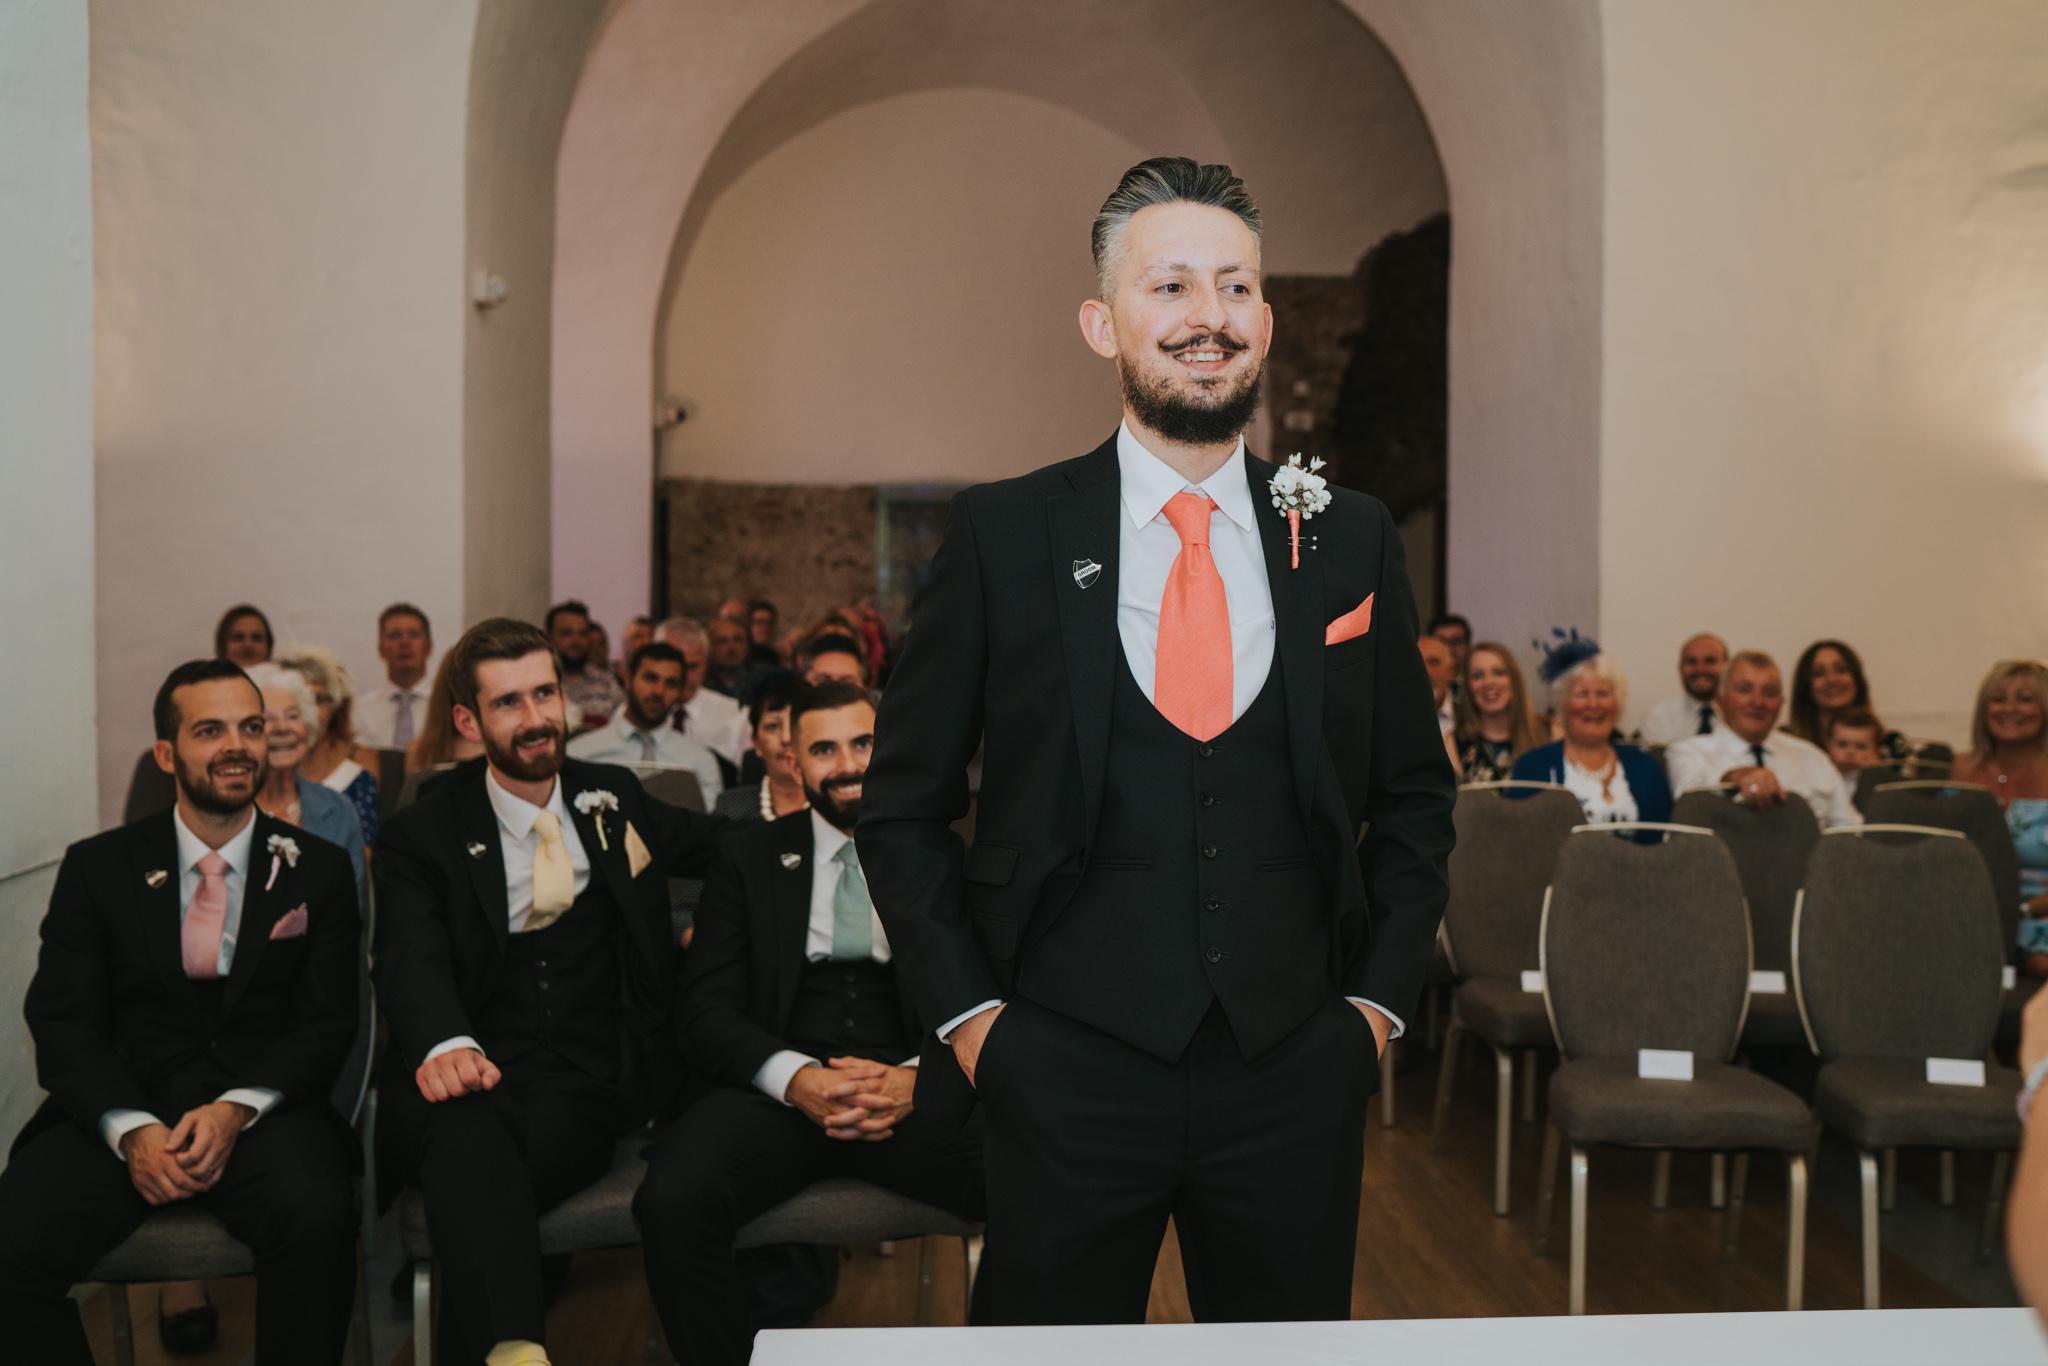 Joe-Tiffany-Colchester-Castle-Wedding-Essex-Grace-Elizabeth-Colchester-Essex-Alternative-Wedding-Photographer-Suffolk-Norfolk-Devon (42 of 122).jpg